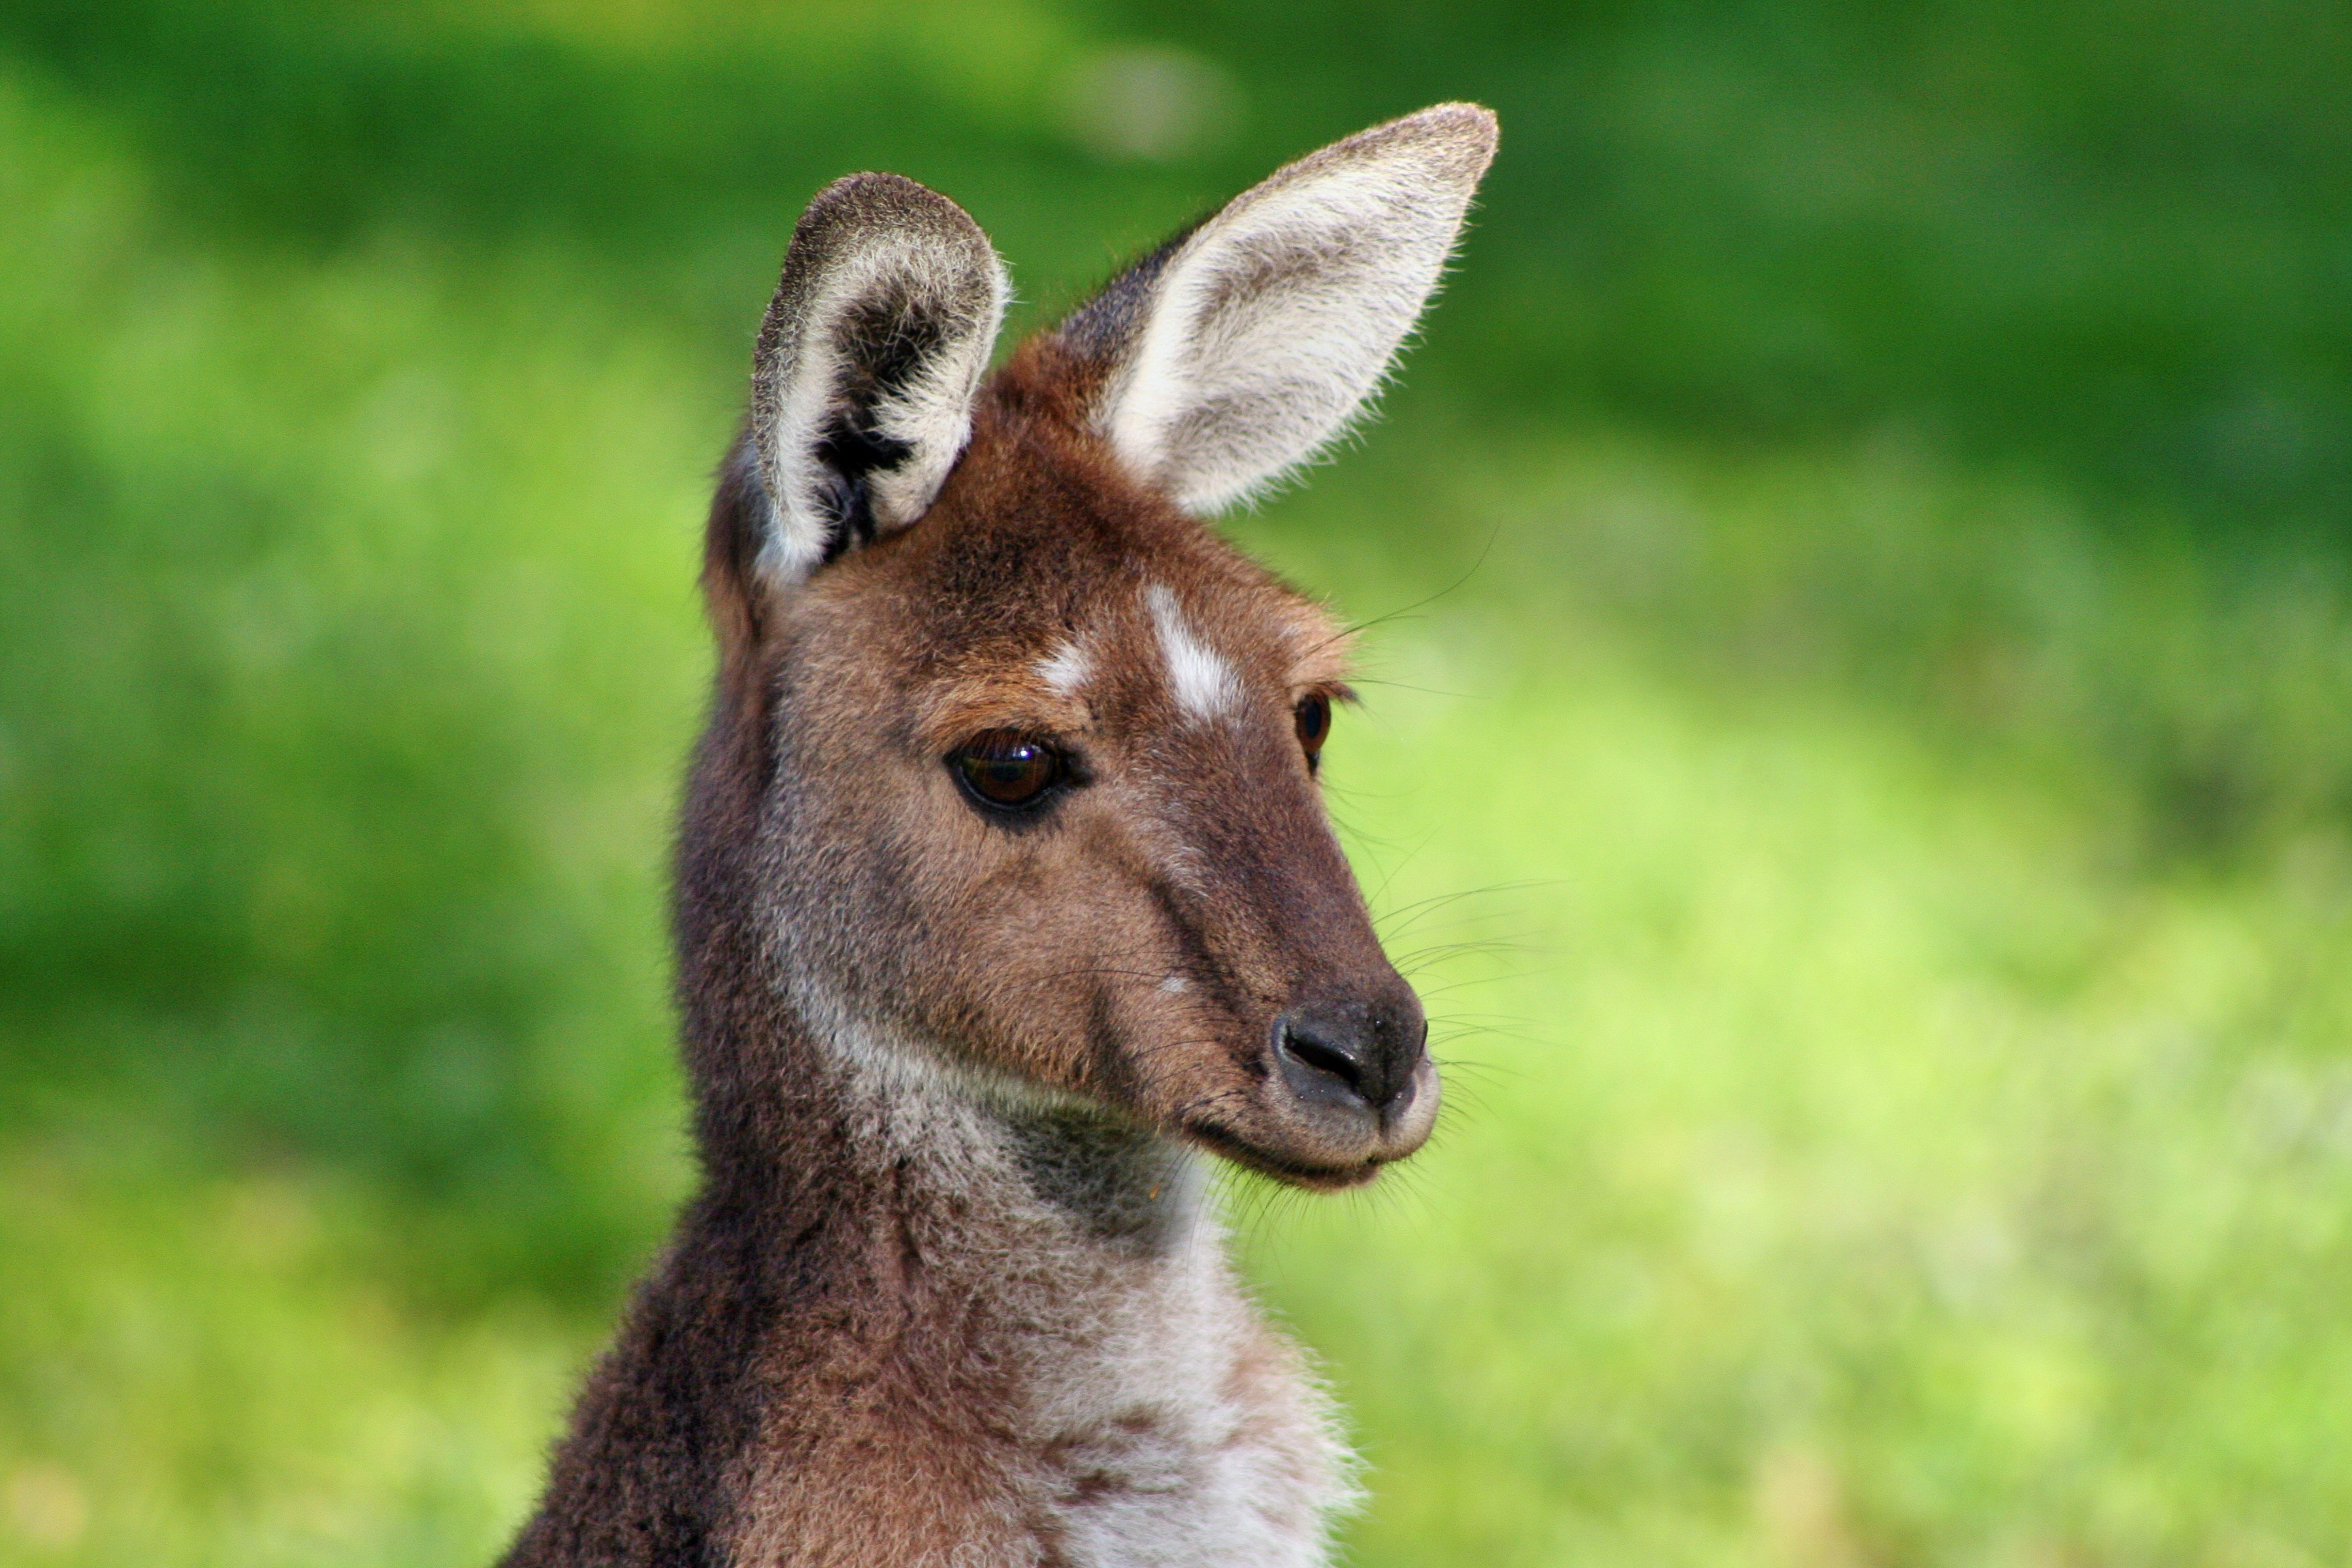 kangaroo in australia